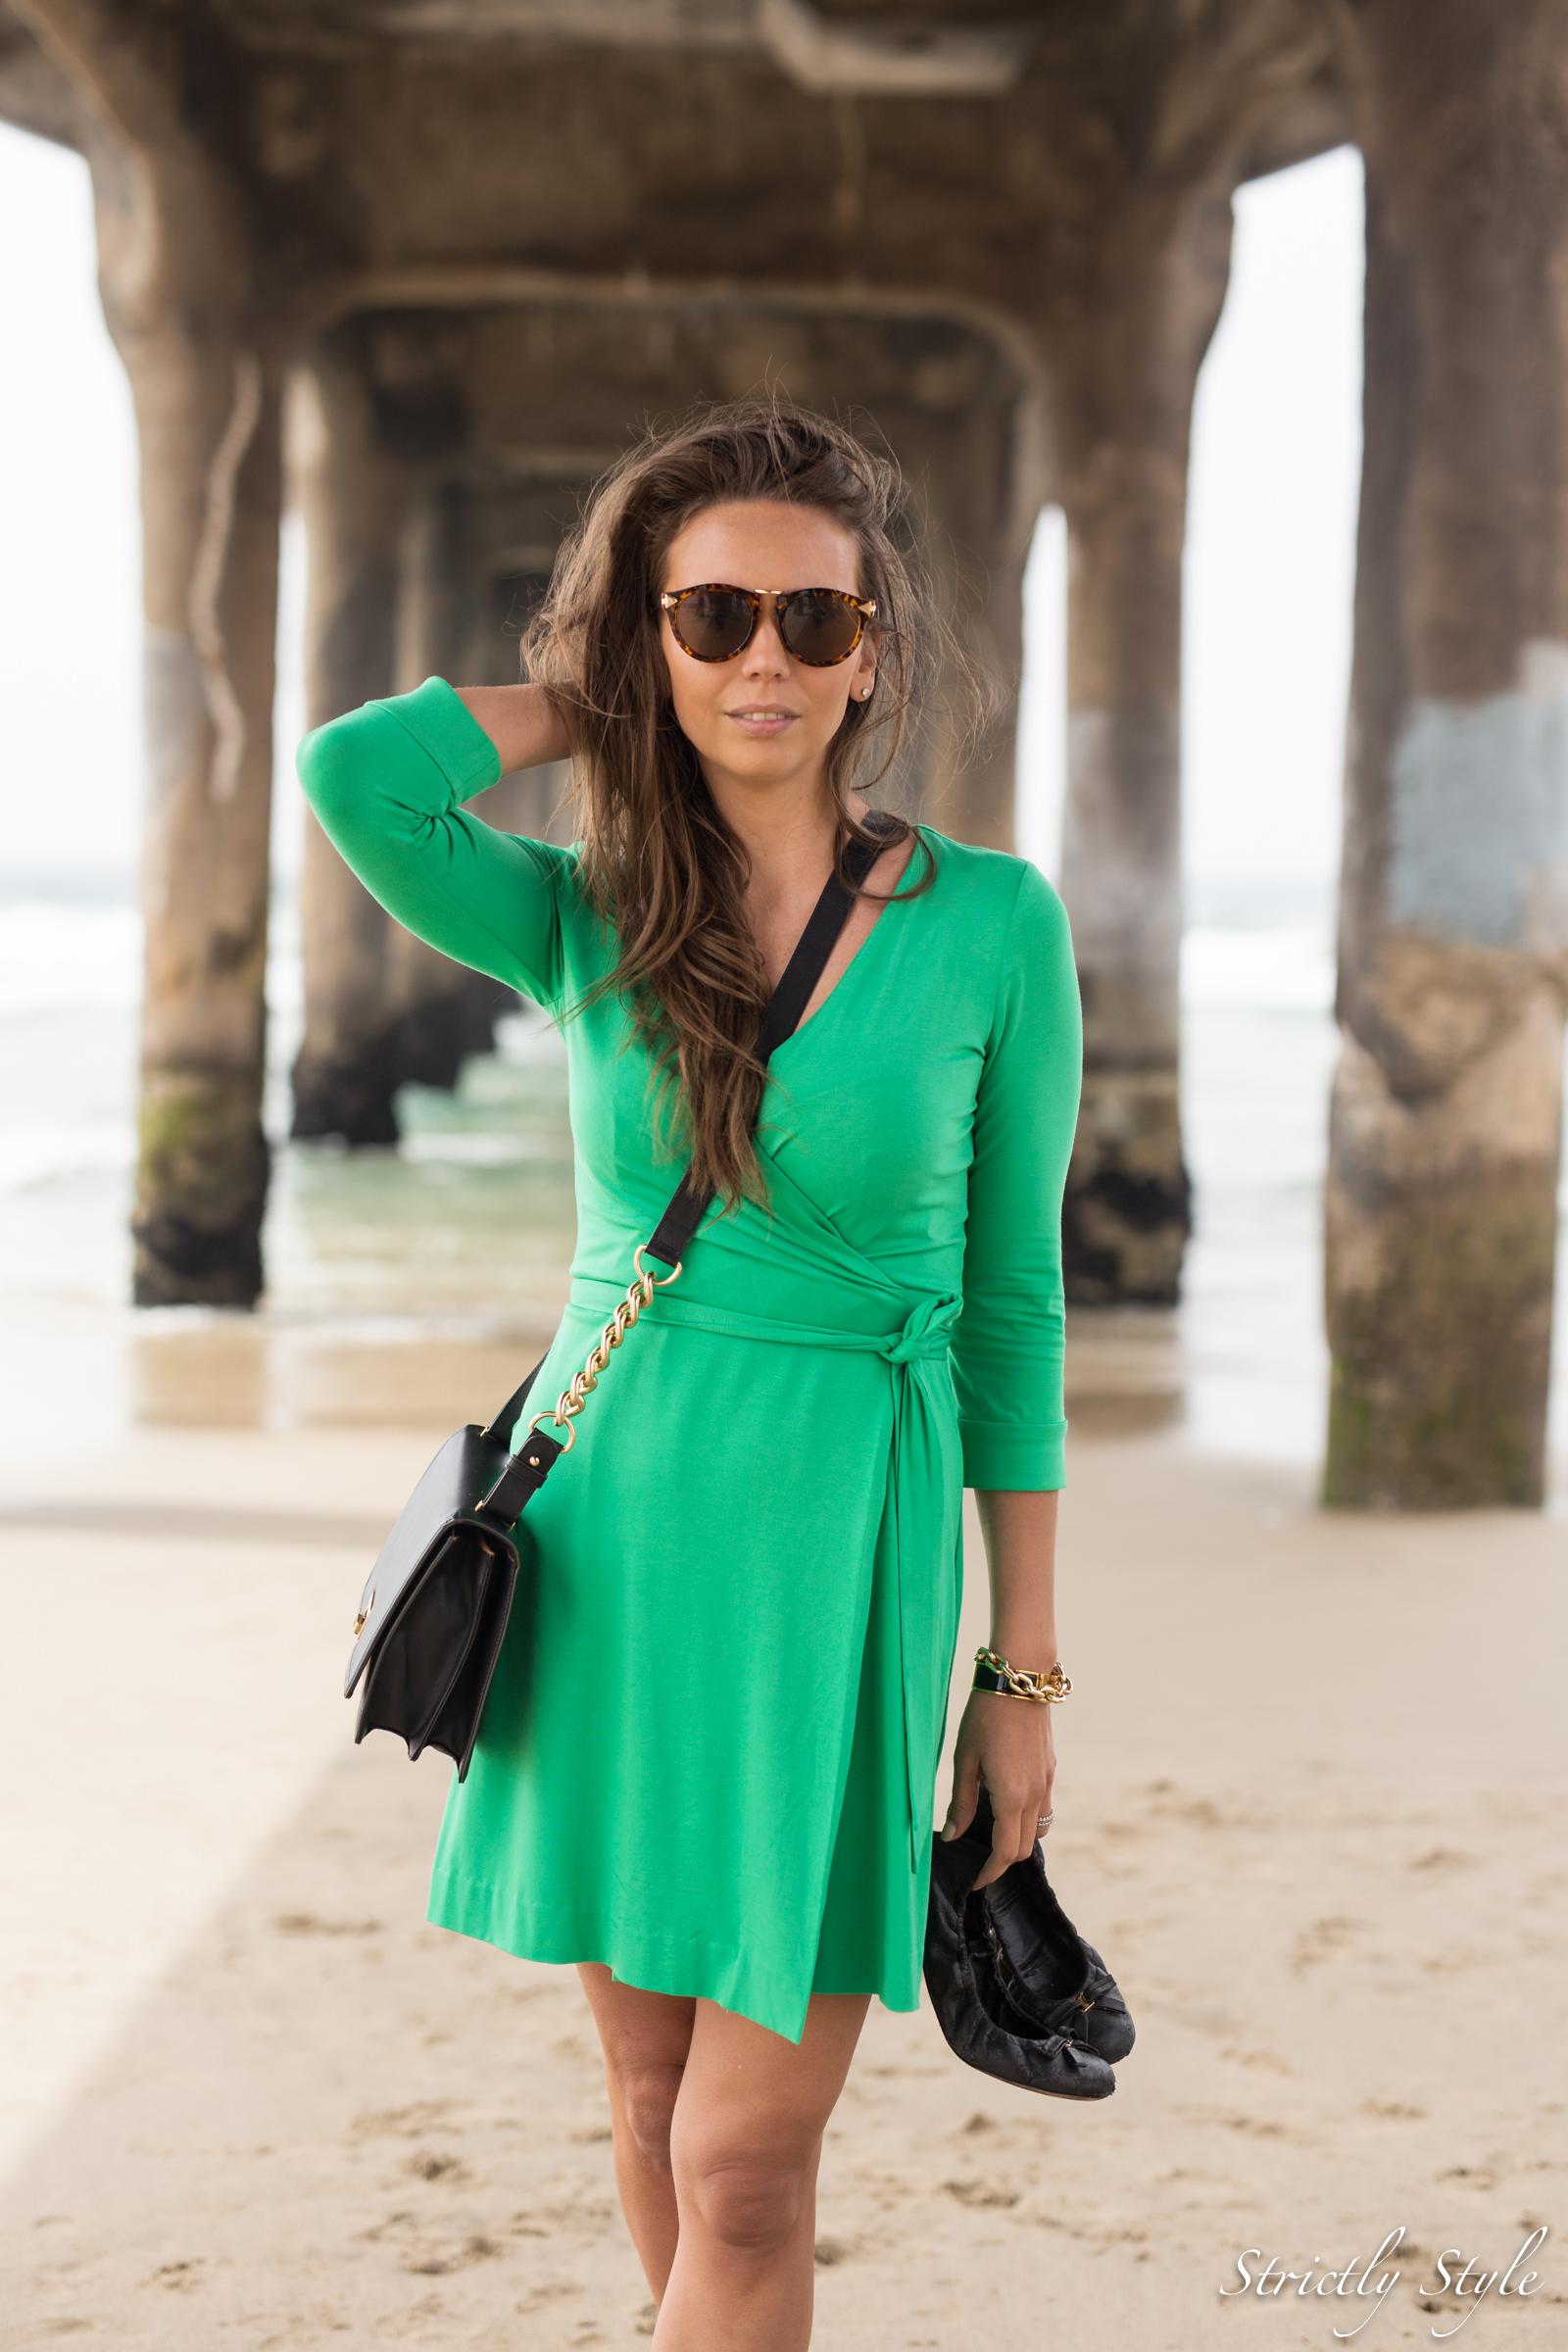 emerald green dvf dress manhattan pier-9543